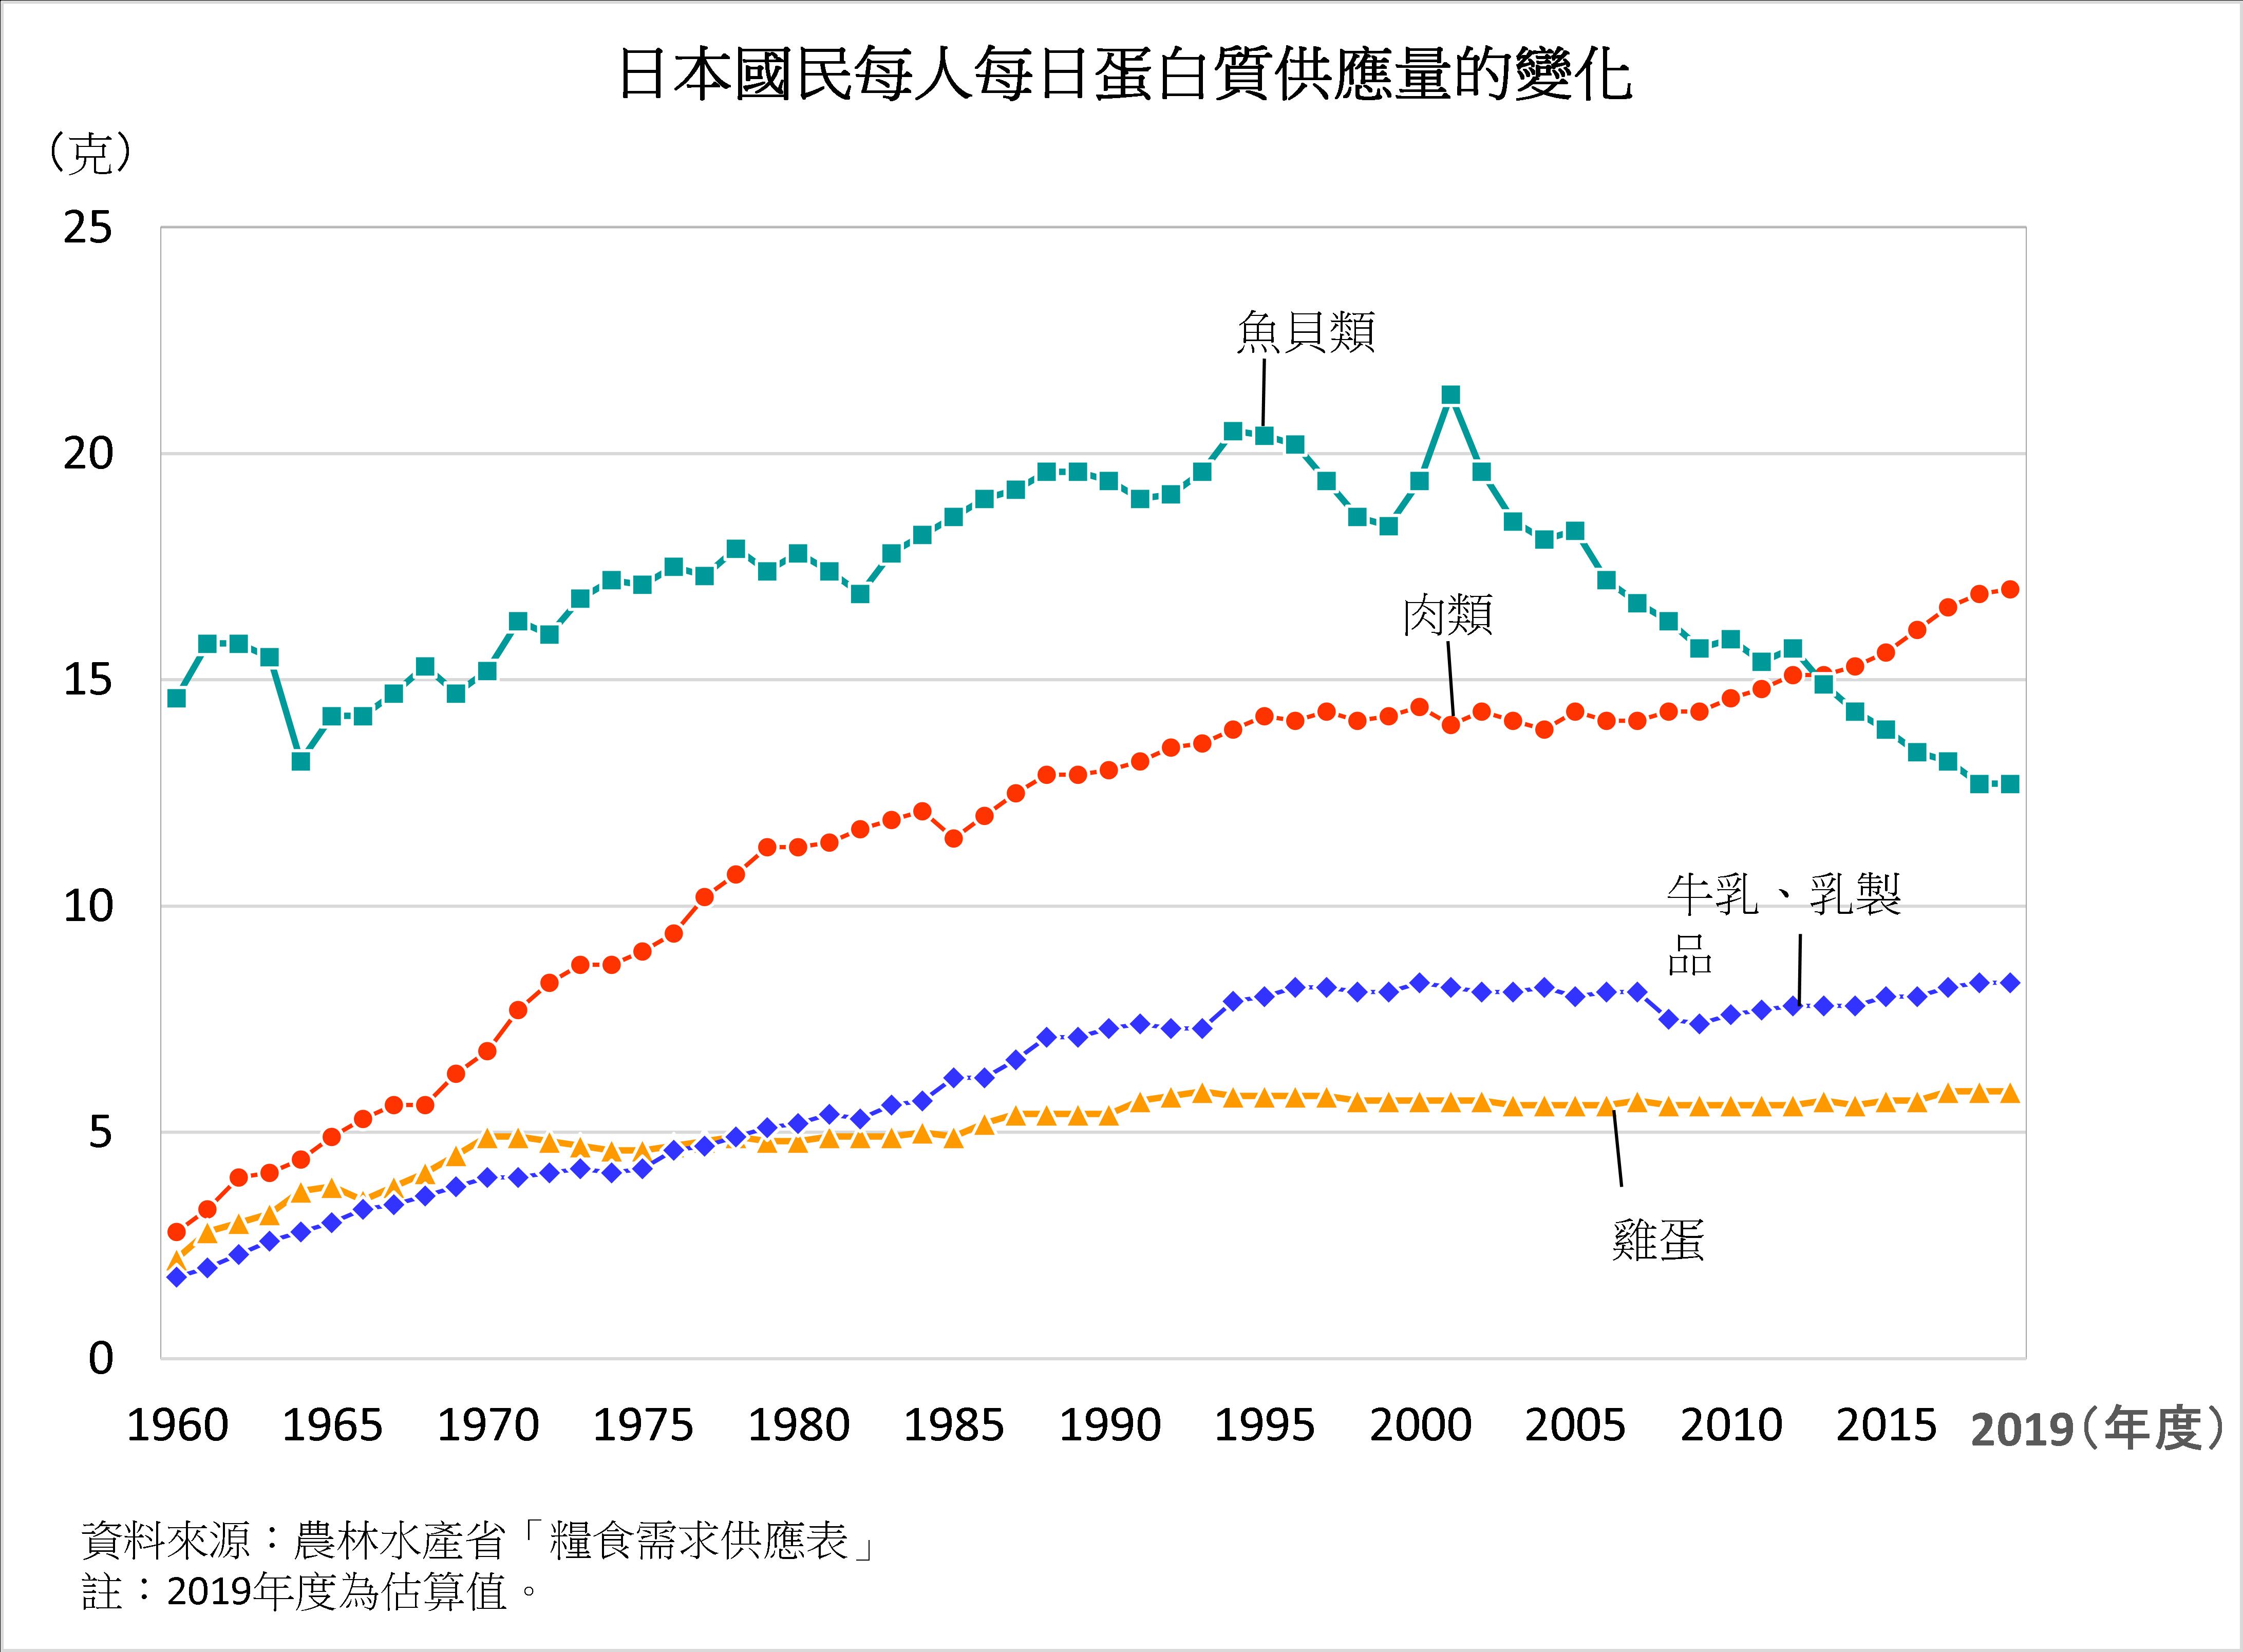 牛肉 自給 率 日本の食料自給率:農林水産省